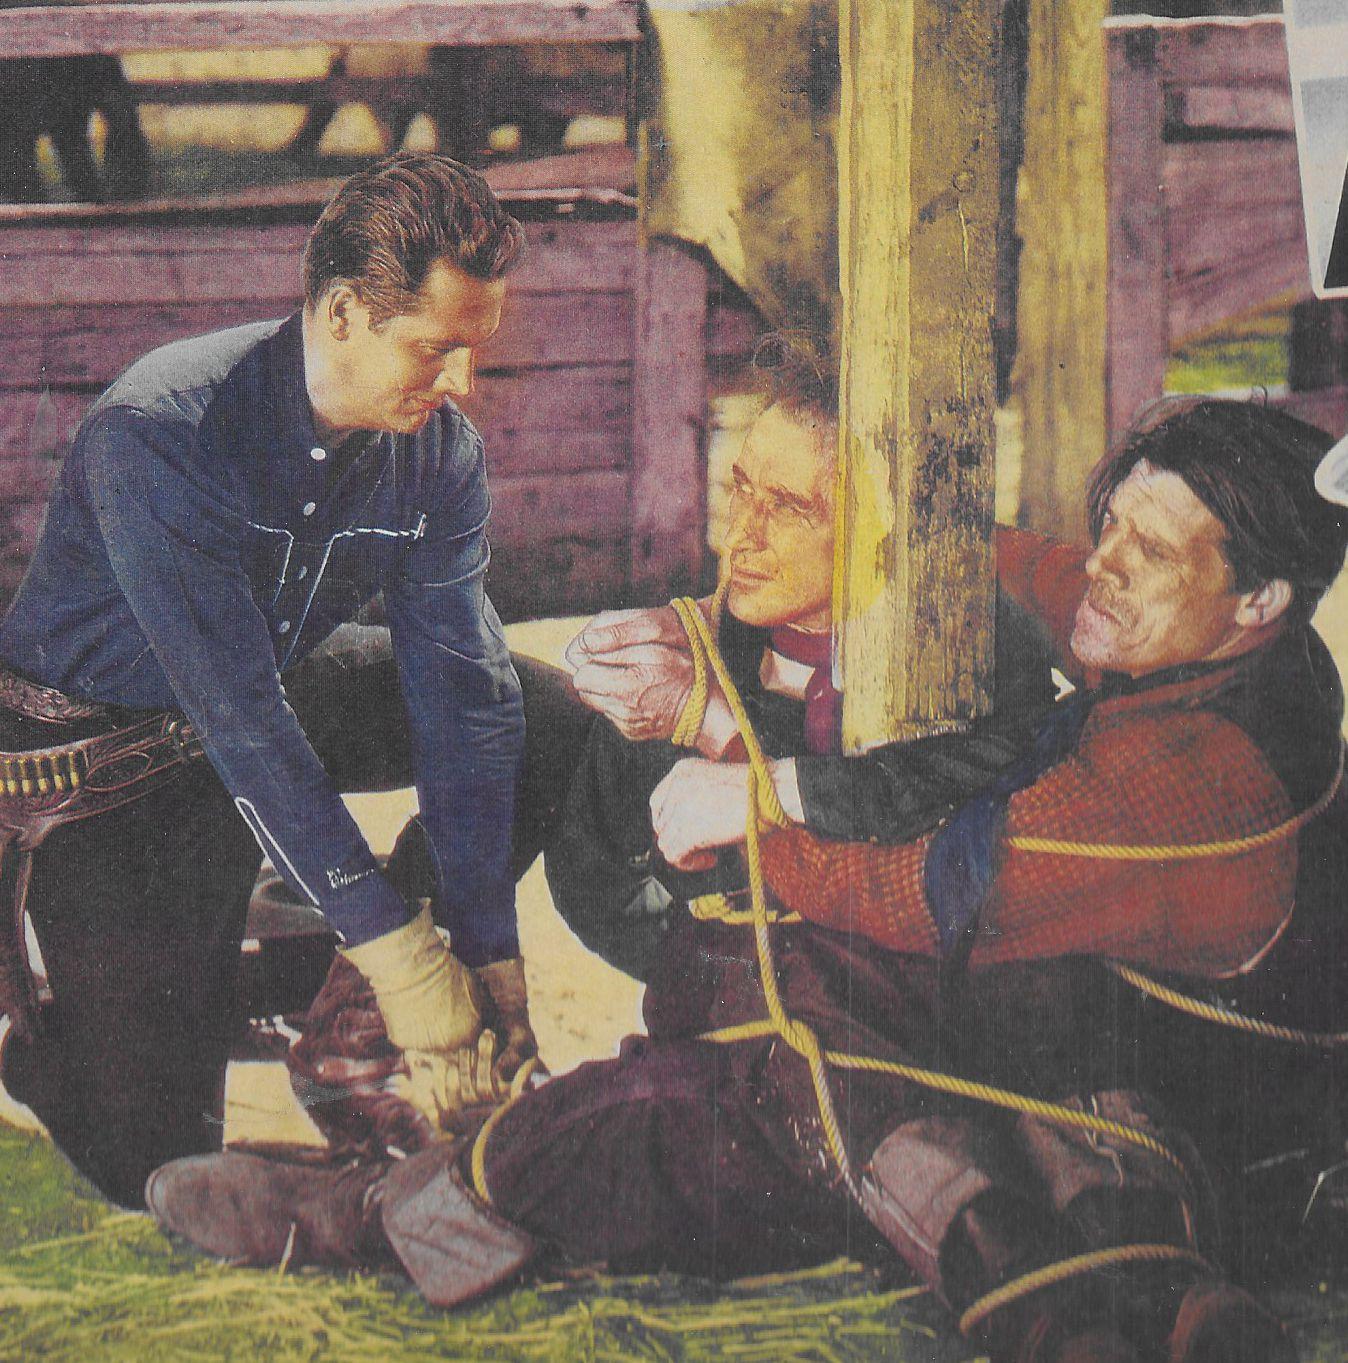 Robert Allen, Jack King, and Bob Kortman in The Rangers Step In (1937)